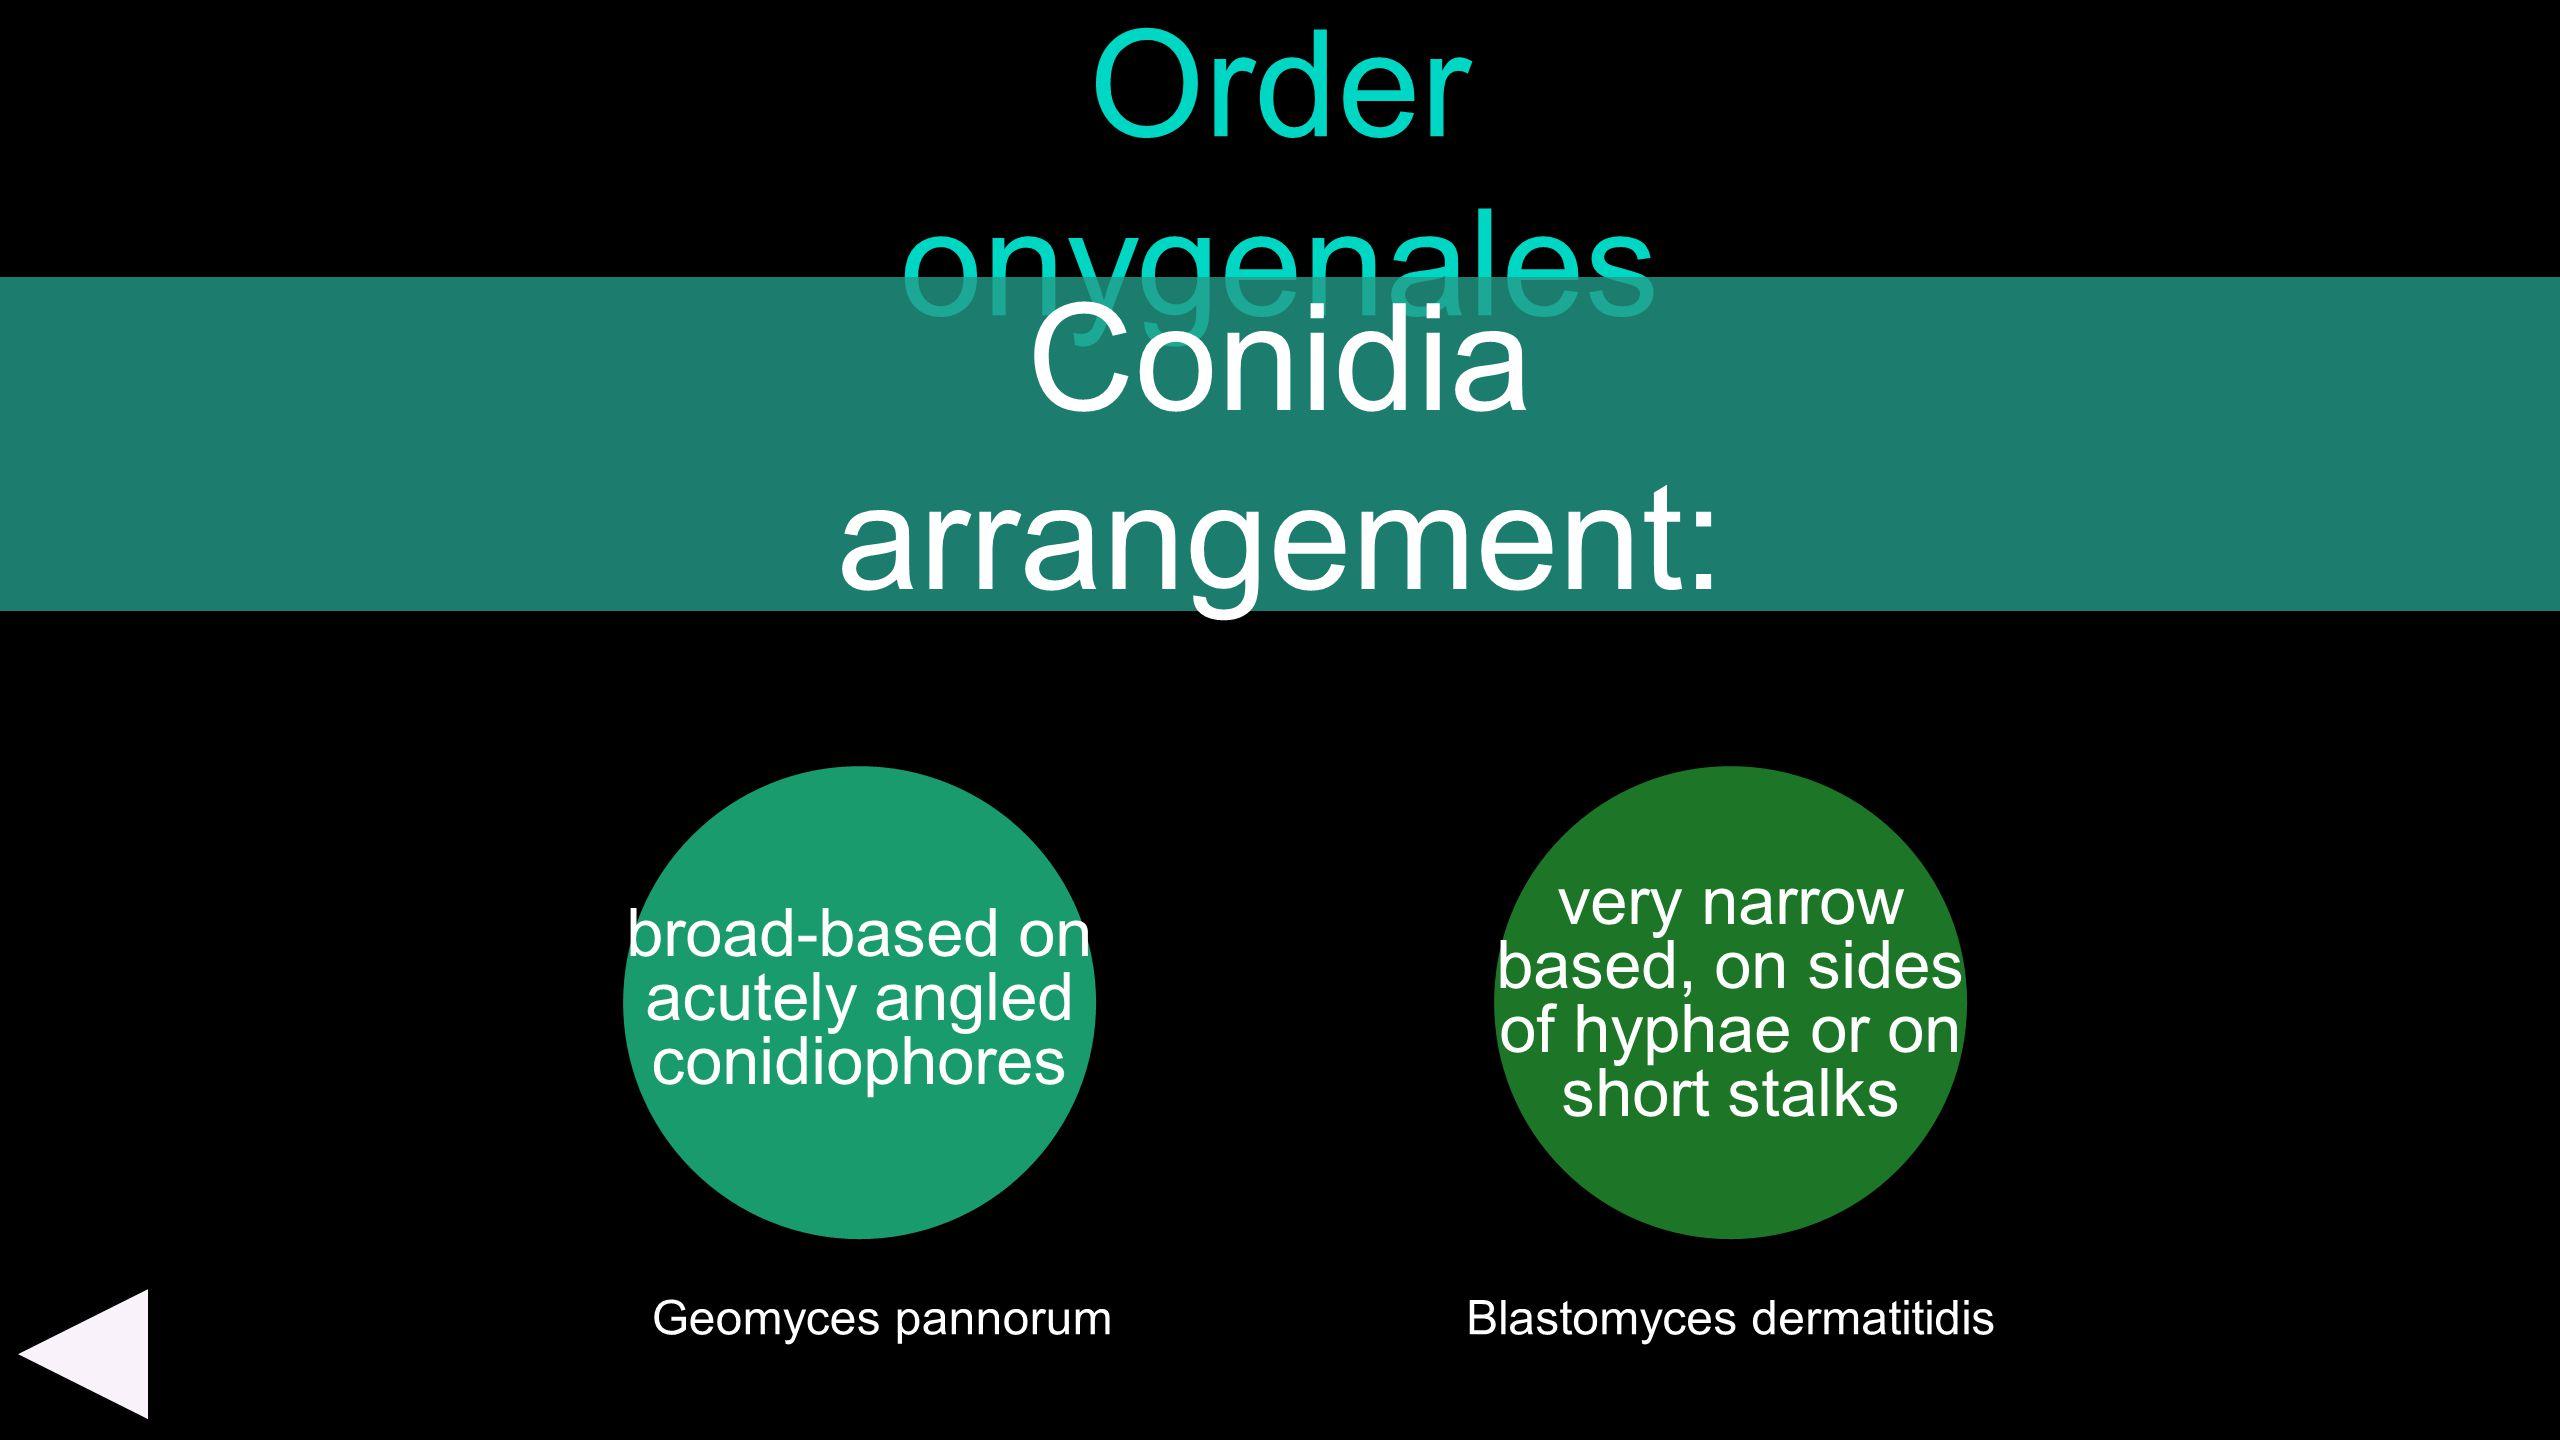 Order onygenales Conidia arrangement: